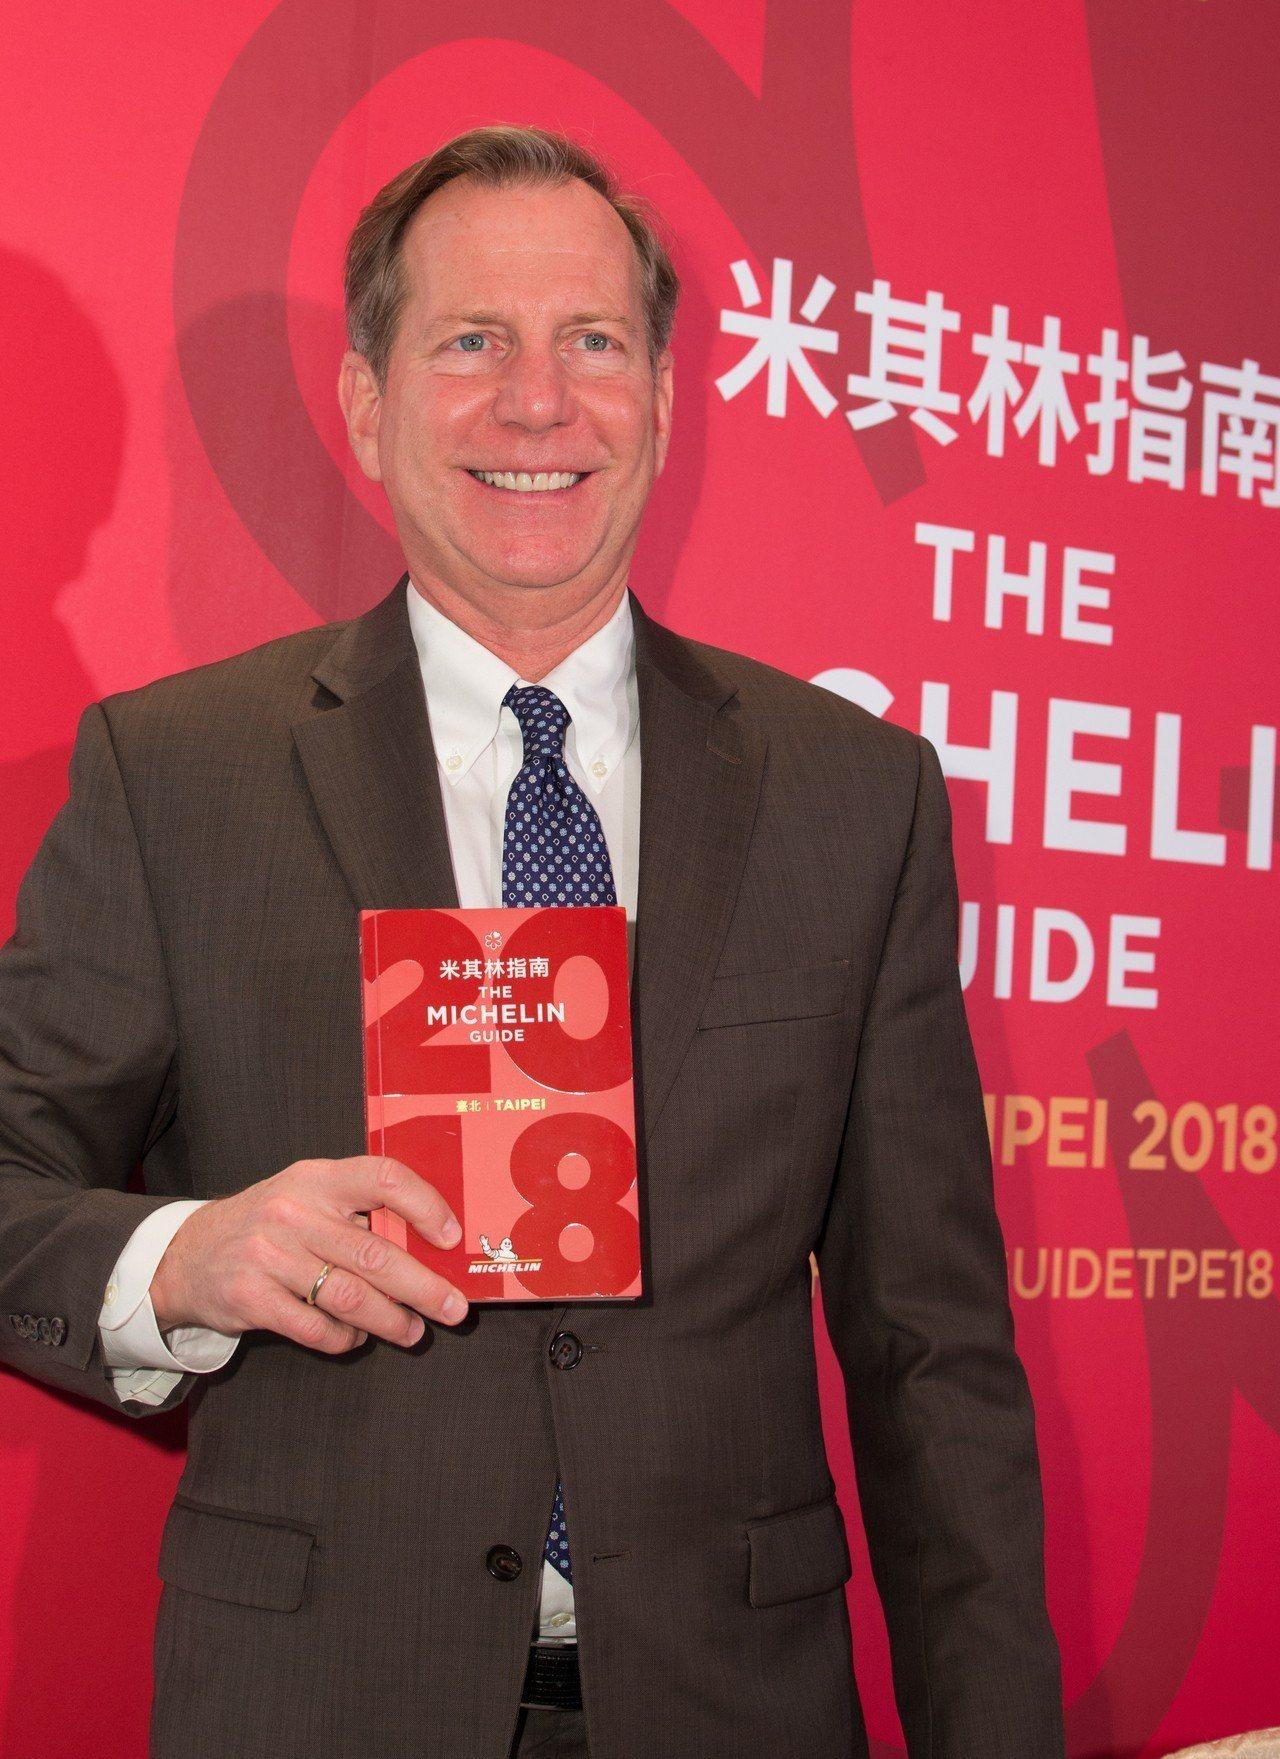 台北第一本米其林昨正式出爐。圖/記者陳立凱